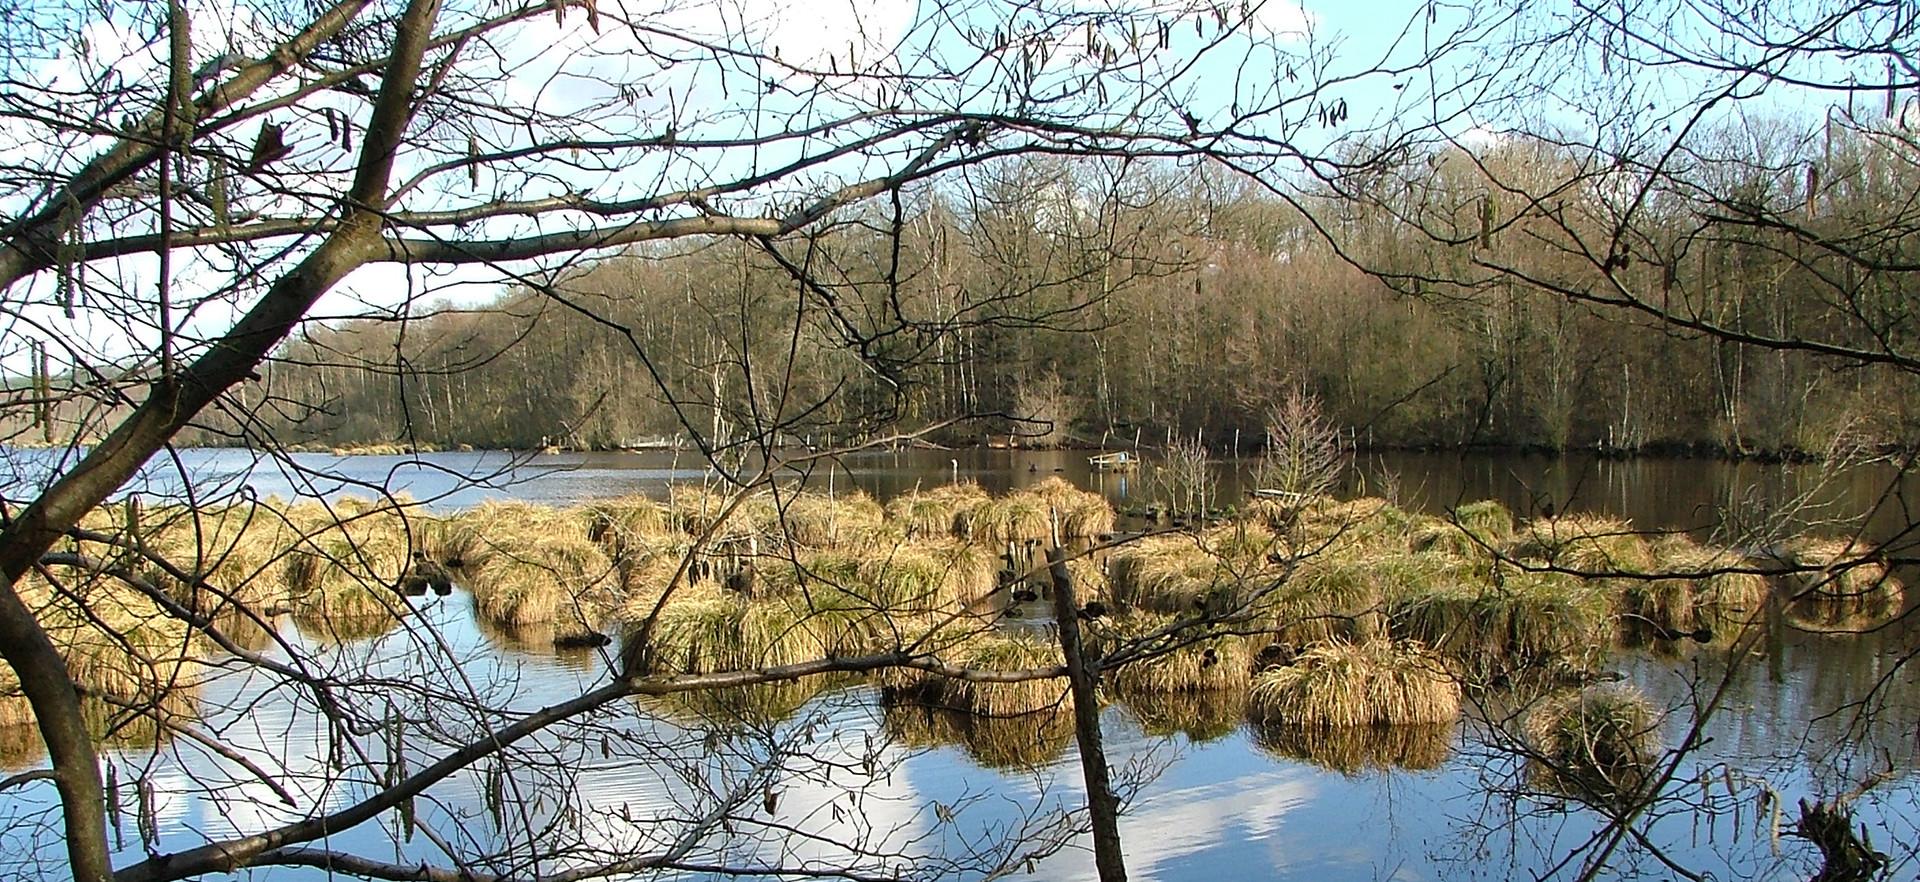 Abords de l'étang de Guiperreux - Hermeray